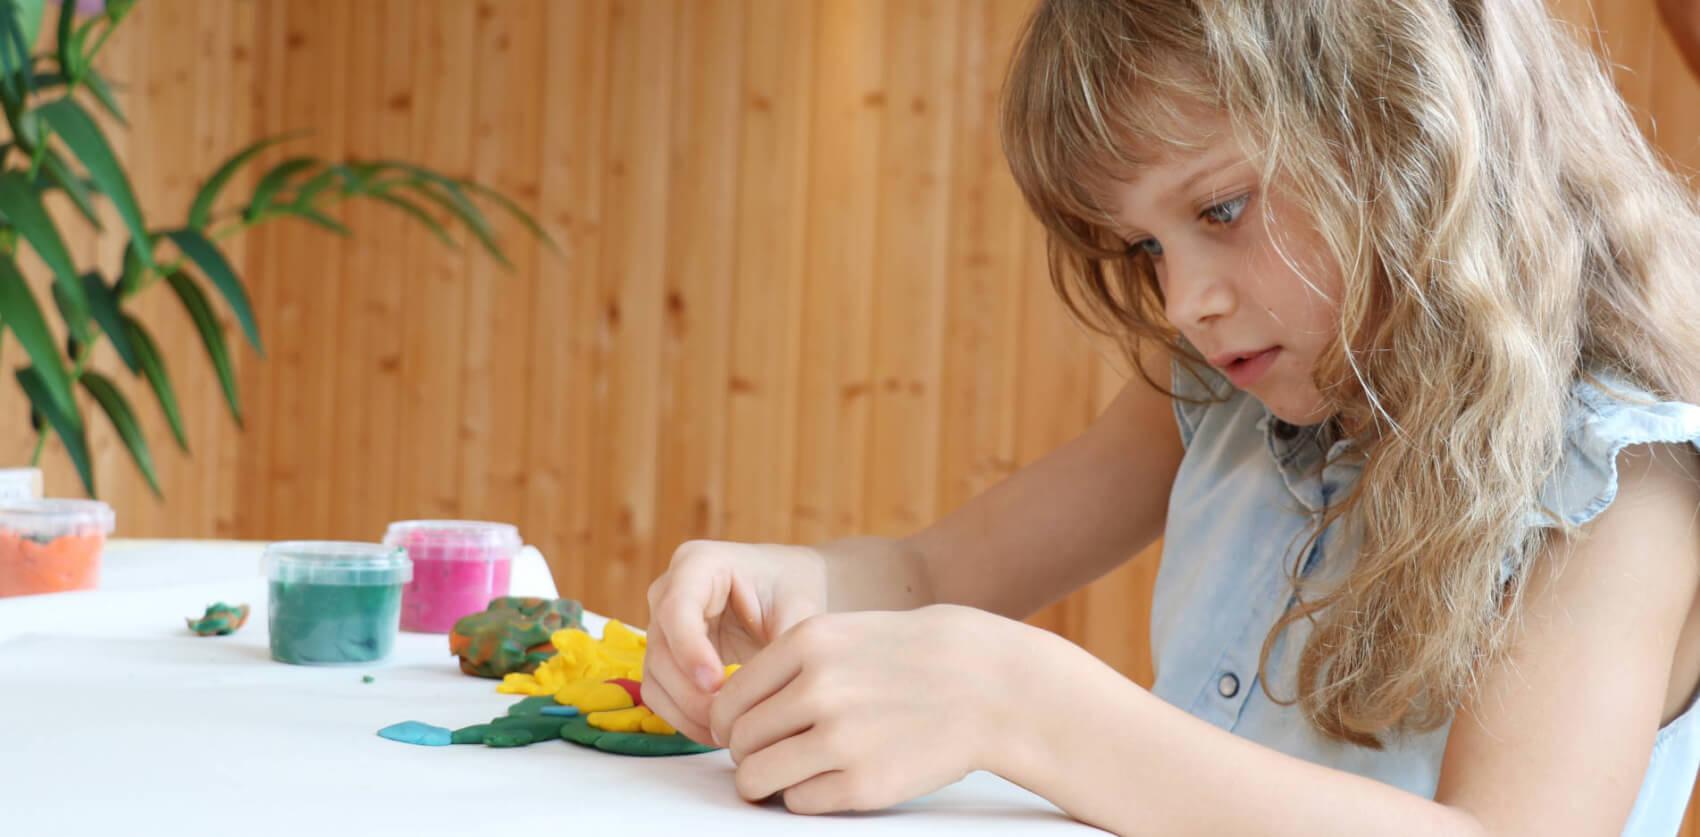 Kinder beschäftigen: Basteltipps gegen Langeweile zu Hause